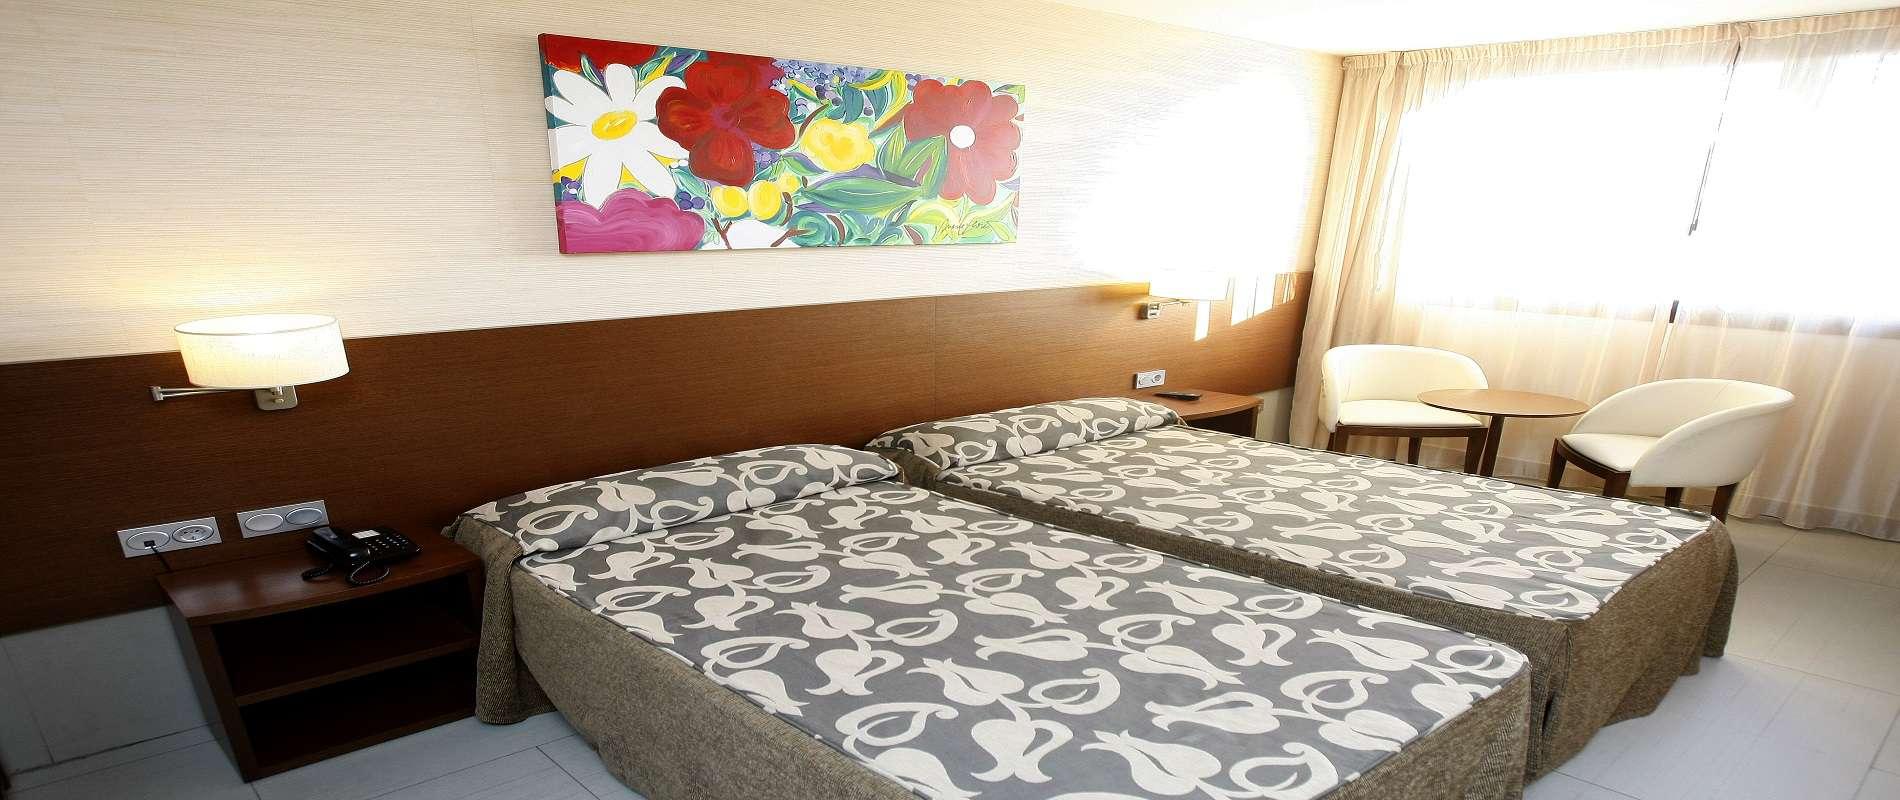 Hotel spa real ciudad zaragoza habitaciones for Habitaciones zaragoza